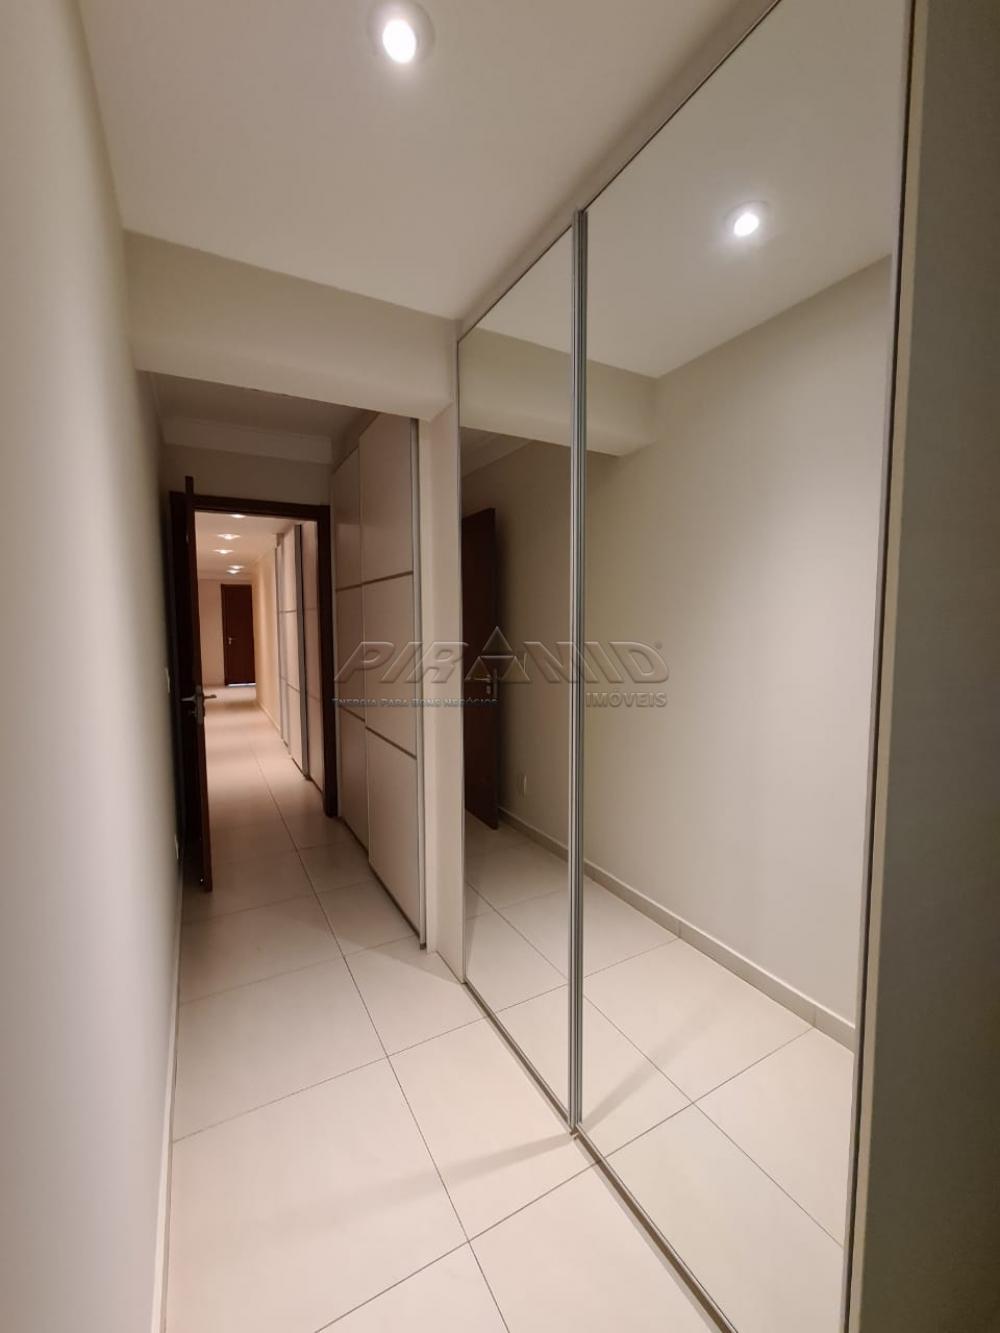 Alugar Apartamento / Padrão em Ribeirão Preto R$ 8.000,00 - Foto 19